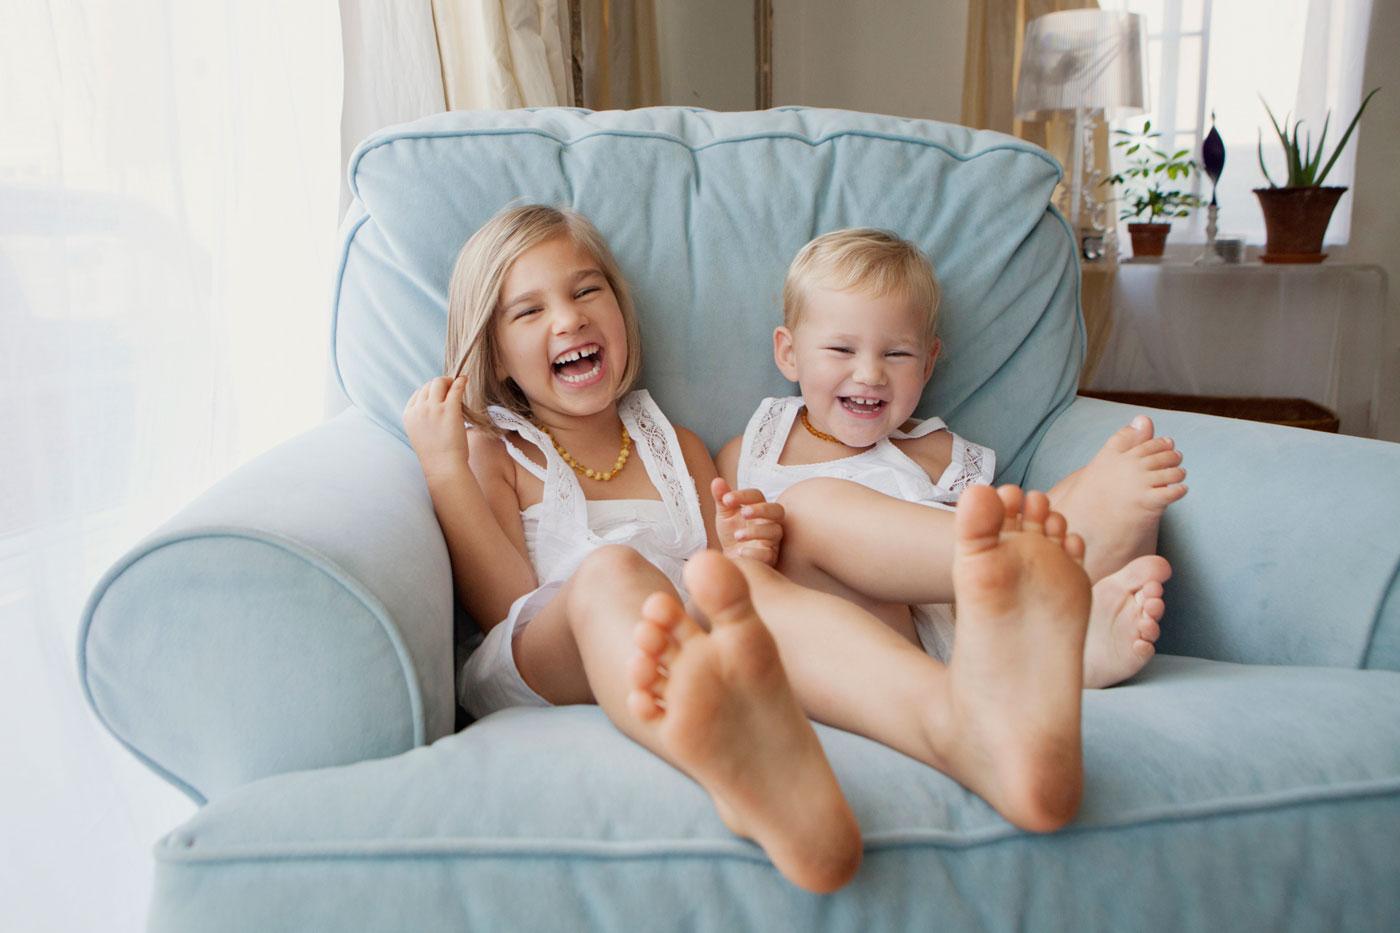 kids_0003.jpg